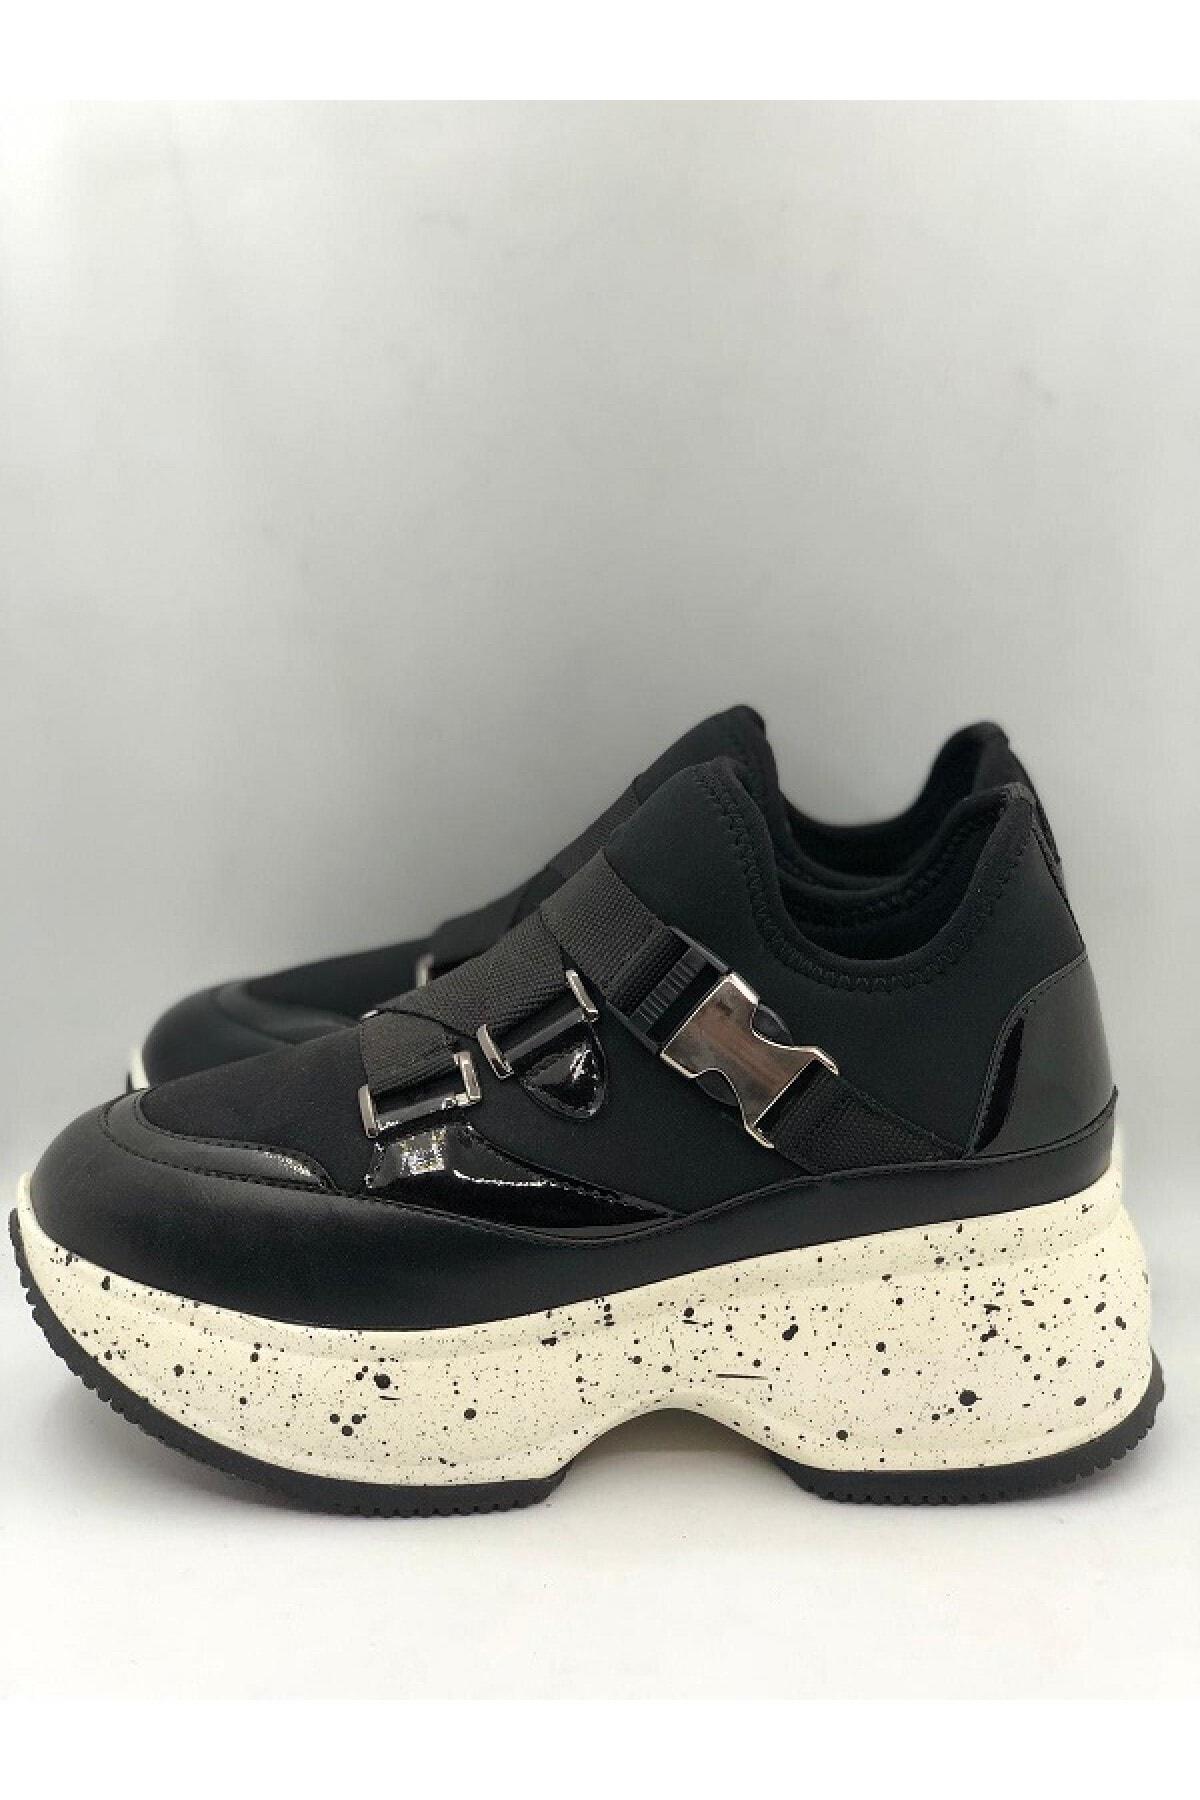 Seniorah Kadın Siyah Spor Ayakkabı 1